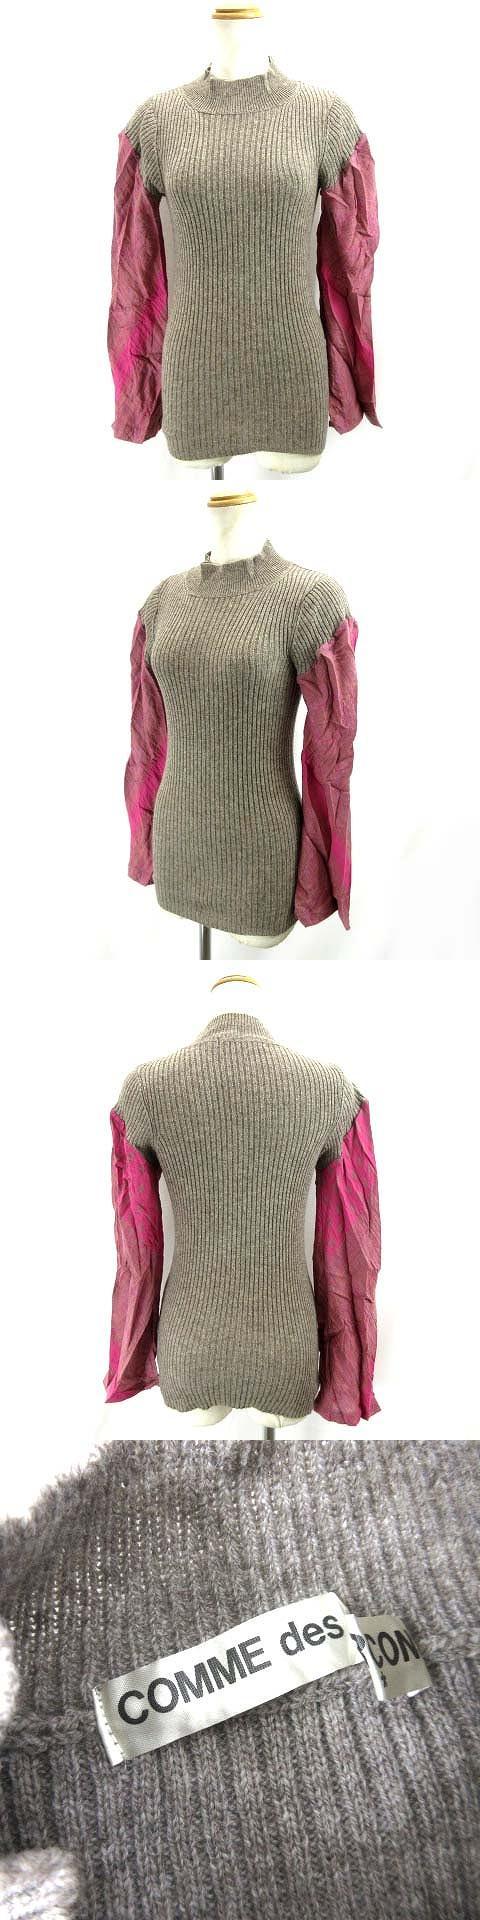 切り替えニット セーター 長袖 ヴィンテージ デザイン ブラウン ピンク AD1993